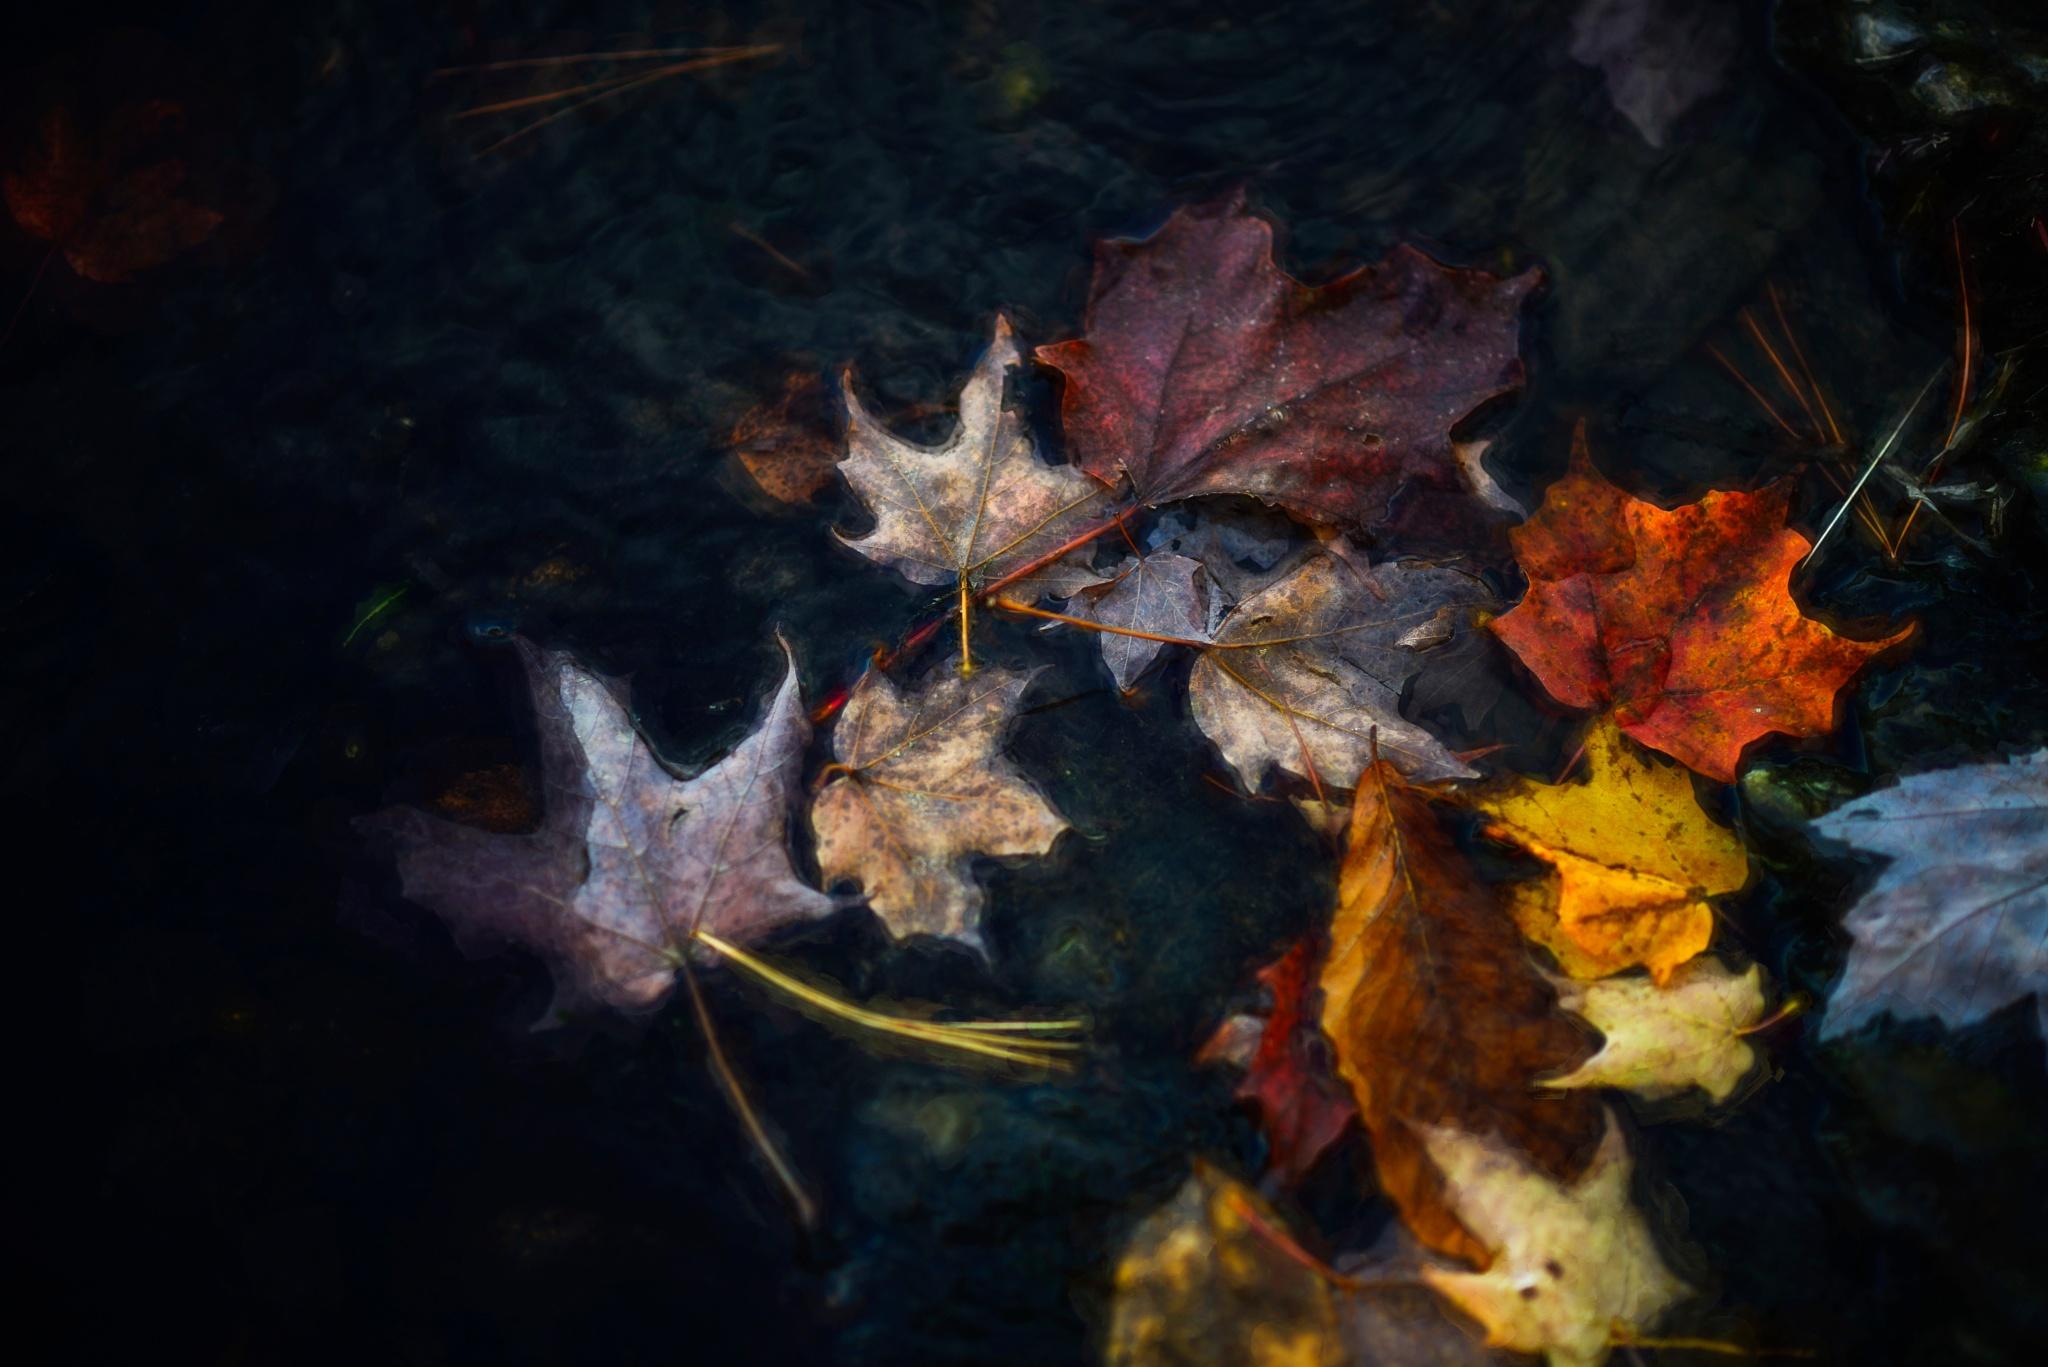 Journée d'automne by sylviecorriveau